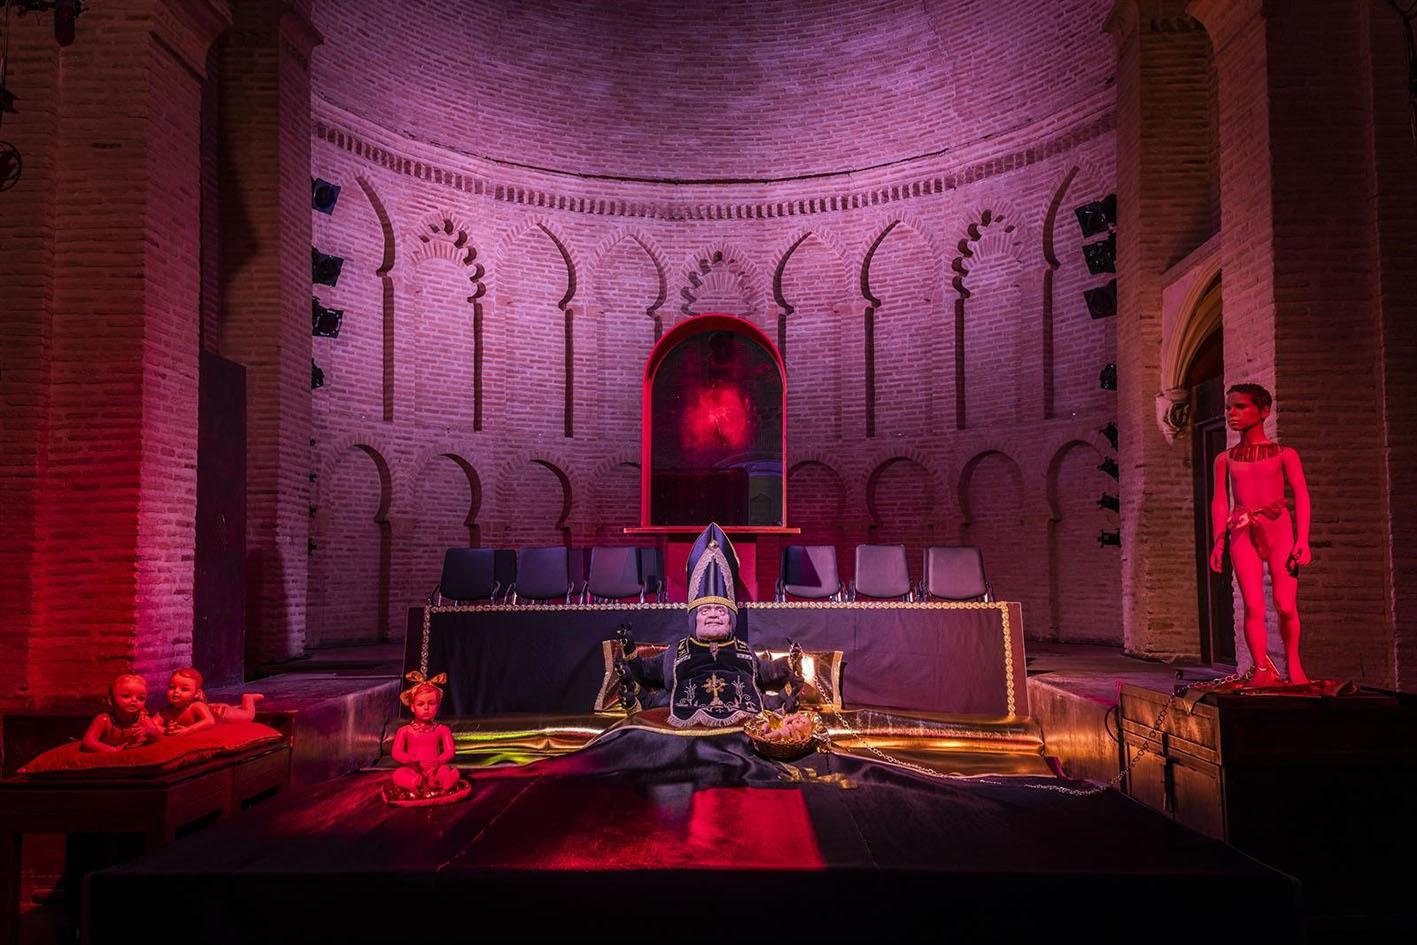 La exposición Pederoclastia se puede ver en el Círculo de Arte de Toledo.